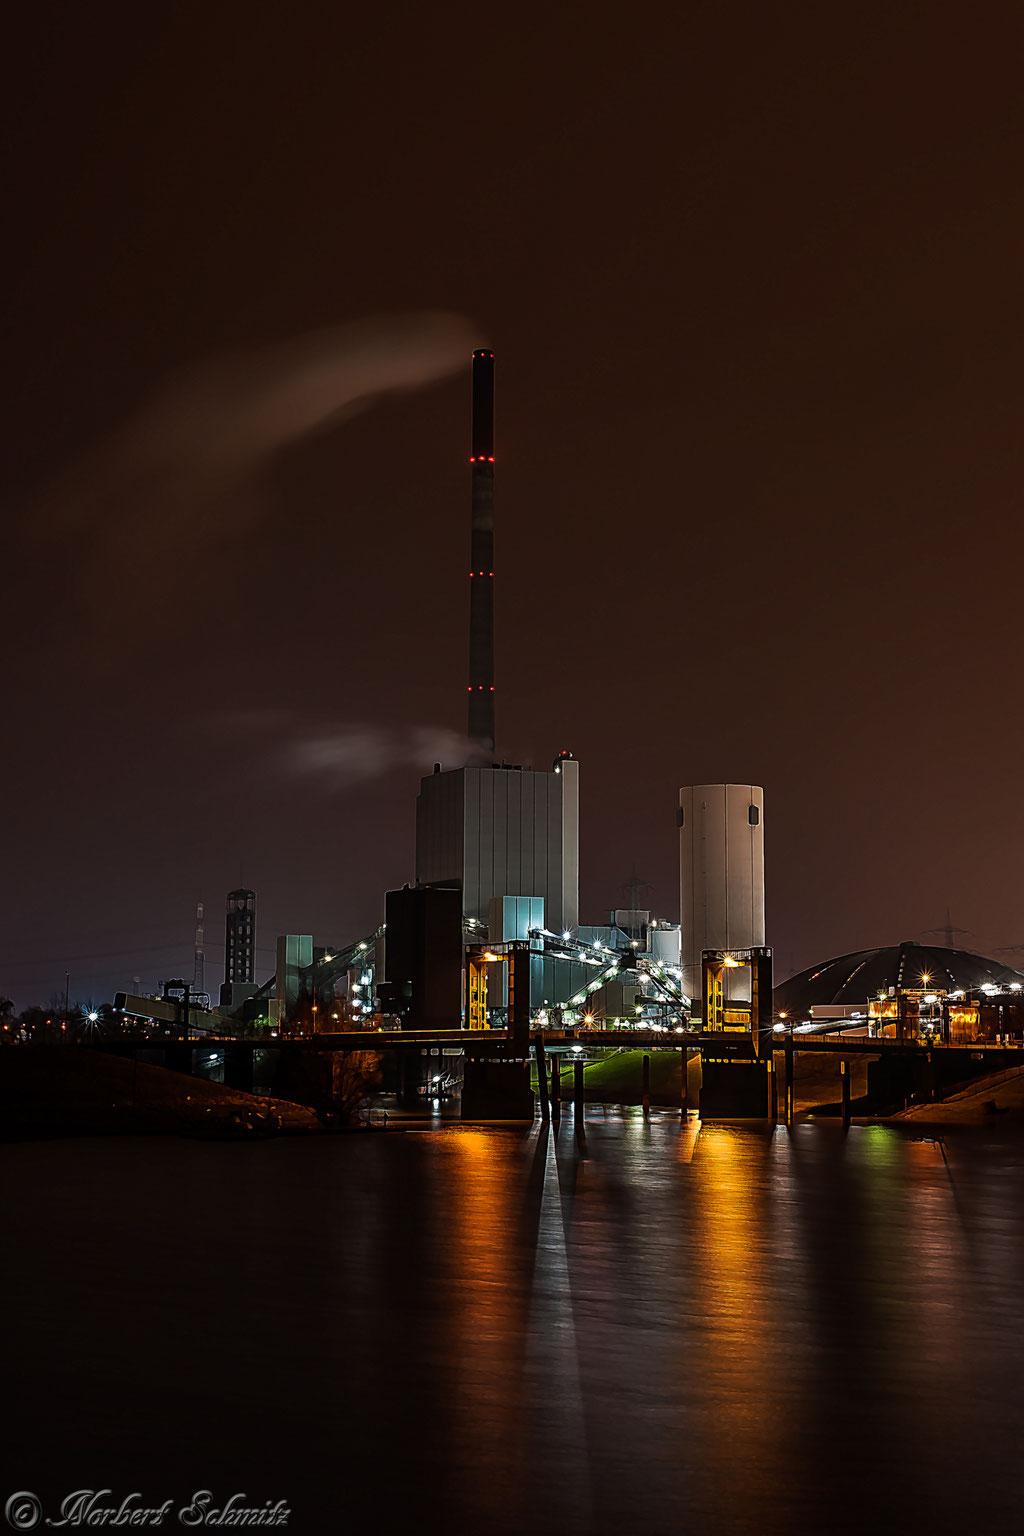 Duisburg-Walsum